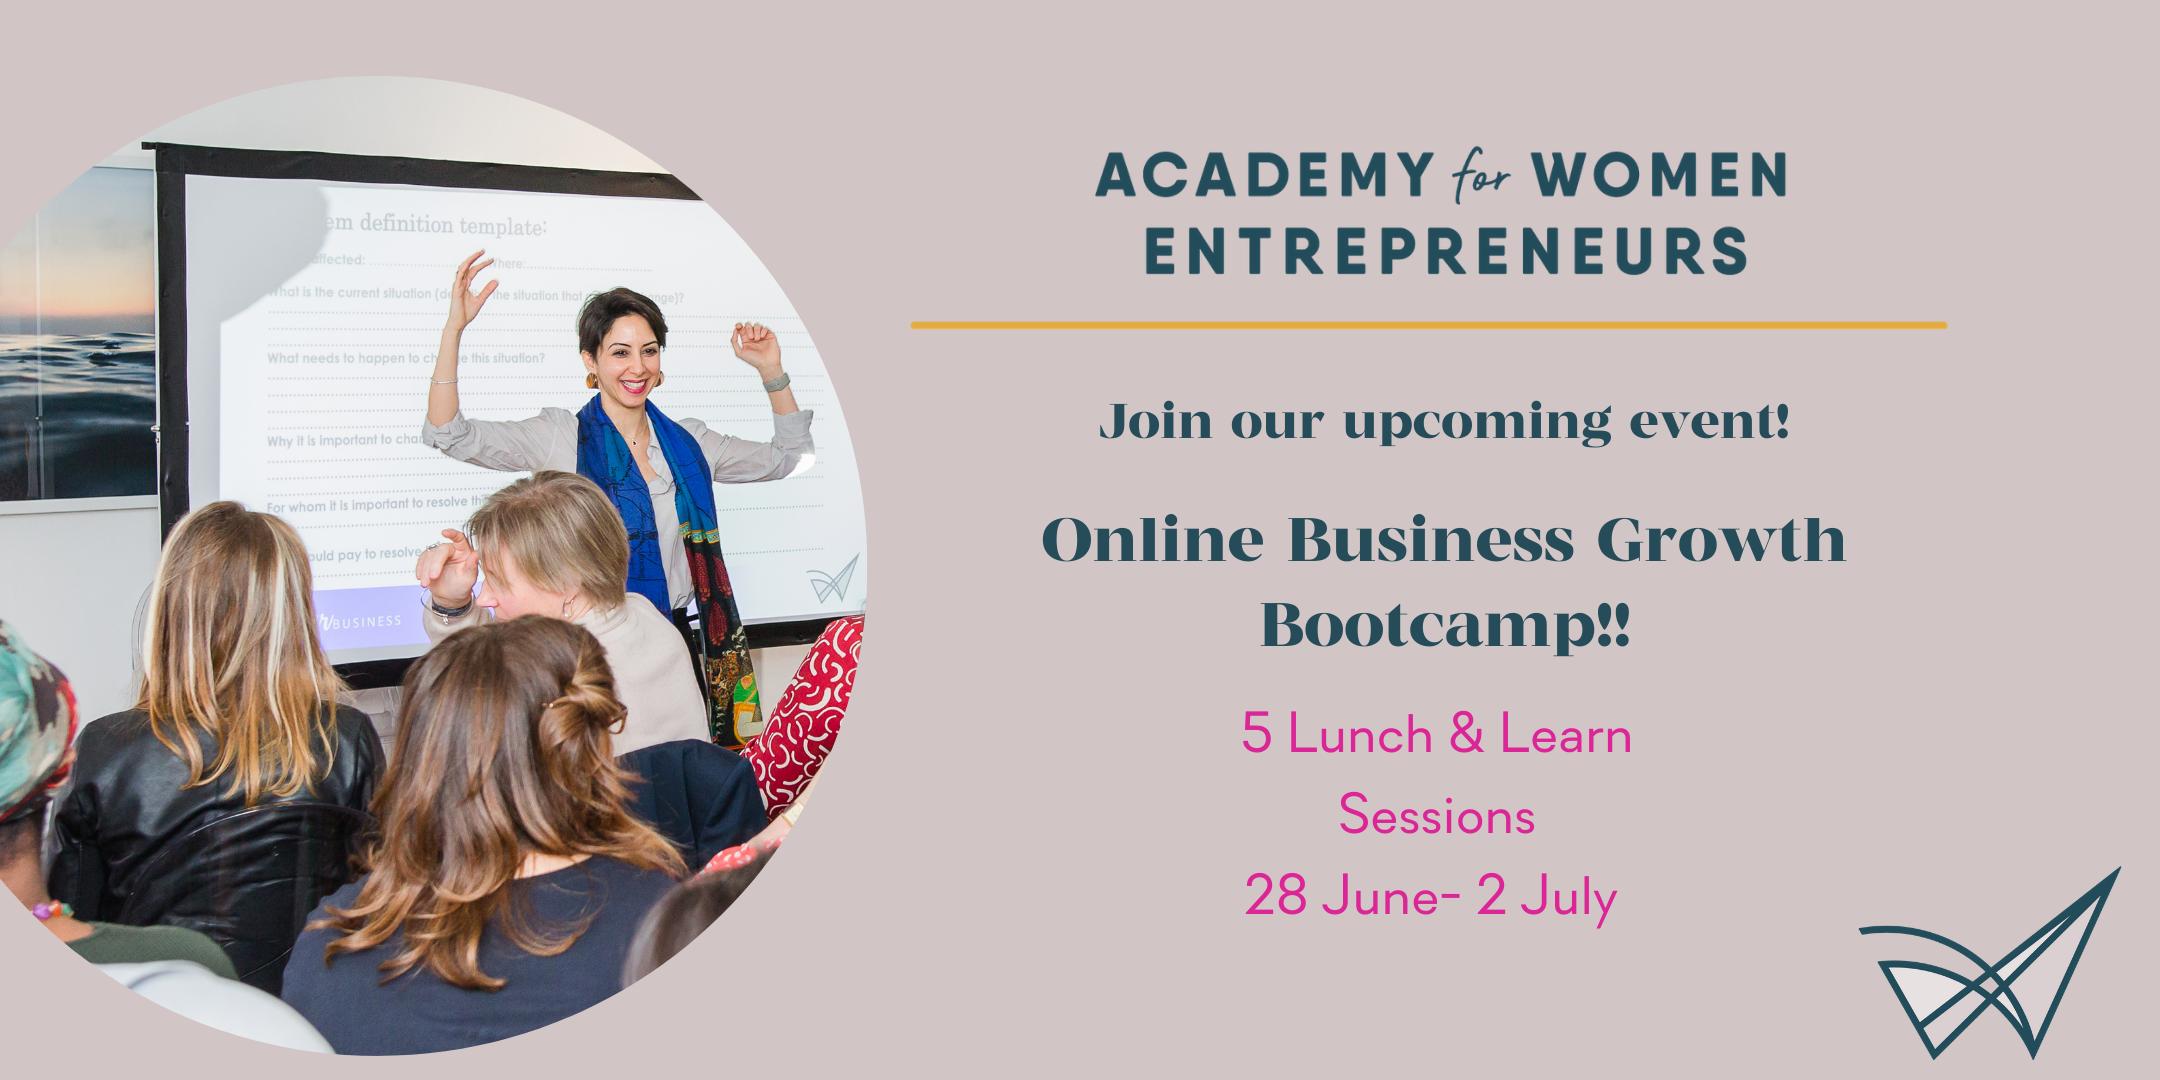 Academy for Women Entrepreneurs